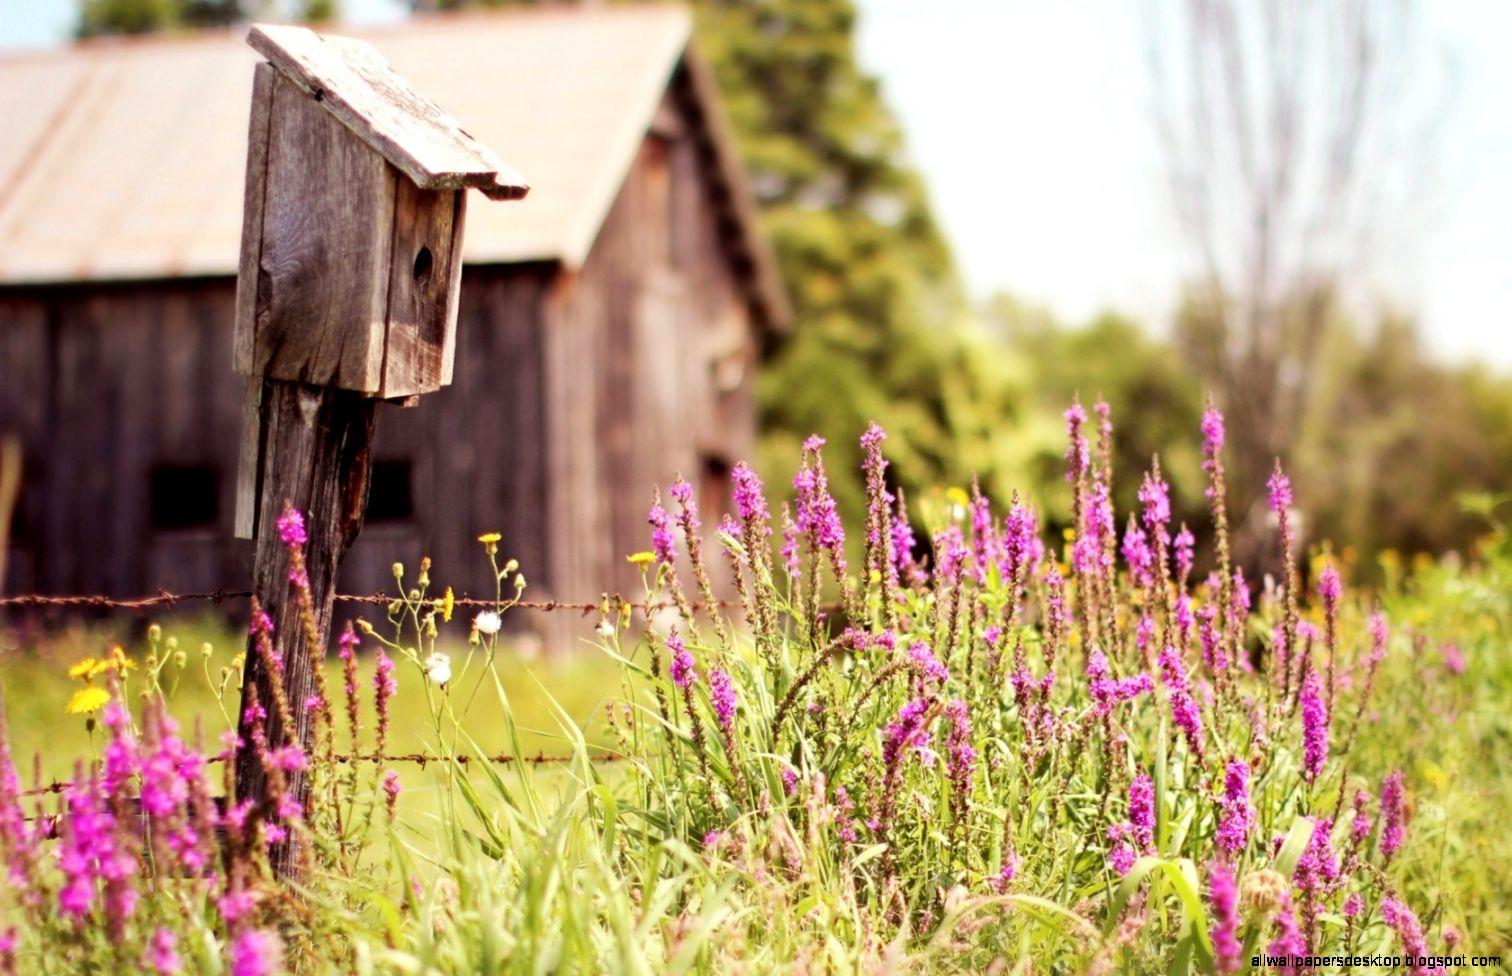 View Original Size House Flowers Field Summer Nature Hd Wallpaper All Desktop